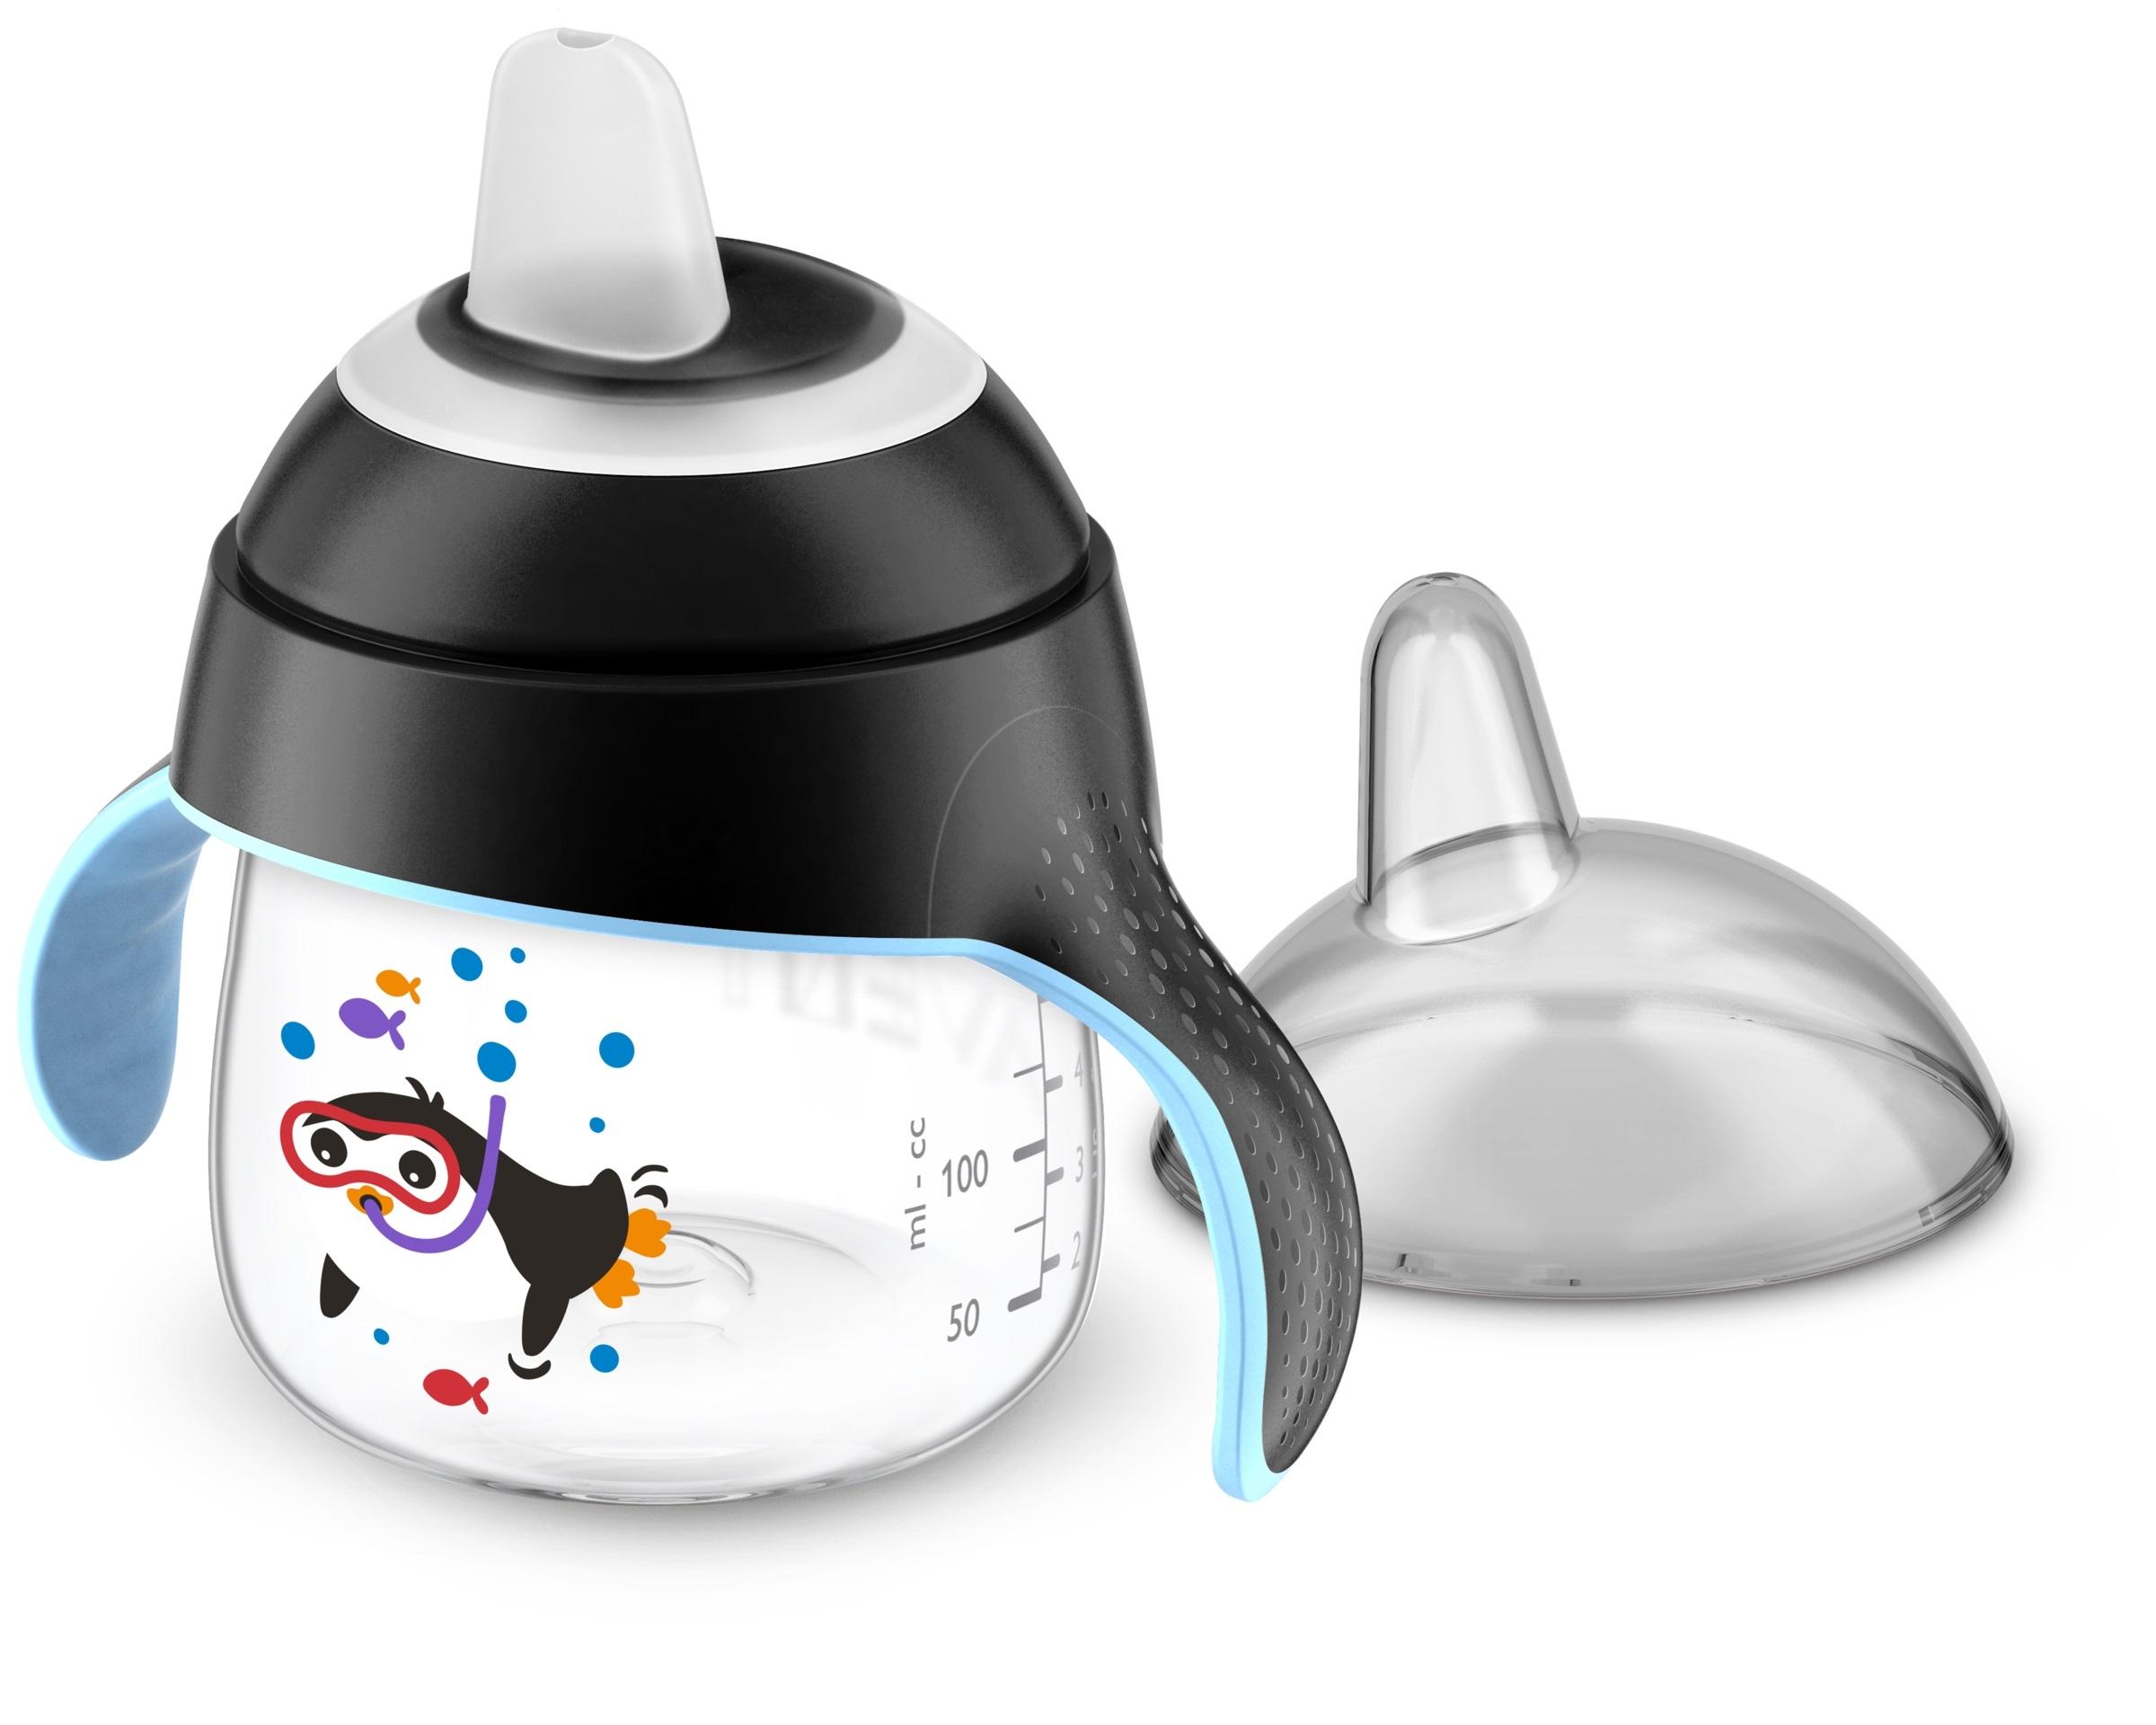 Купить Чашка-непроливайка, черный, 1шт., Philips AVENT SCF751_03, Индонезия, black